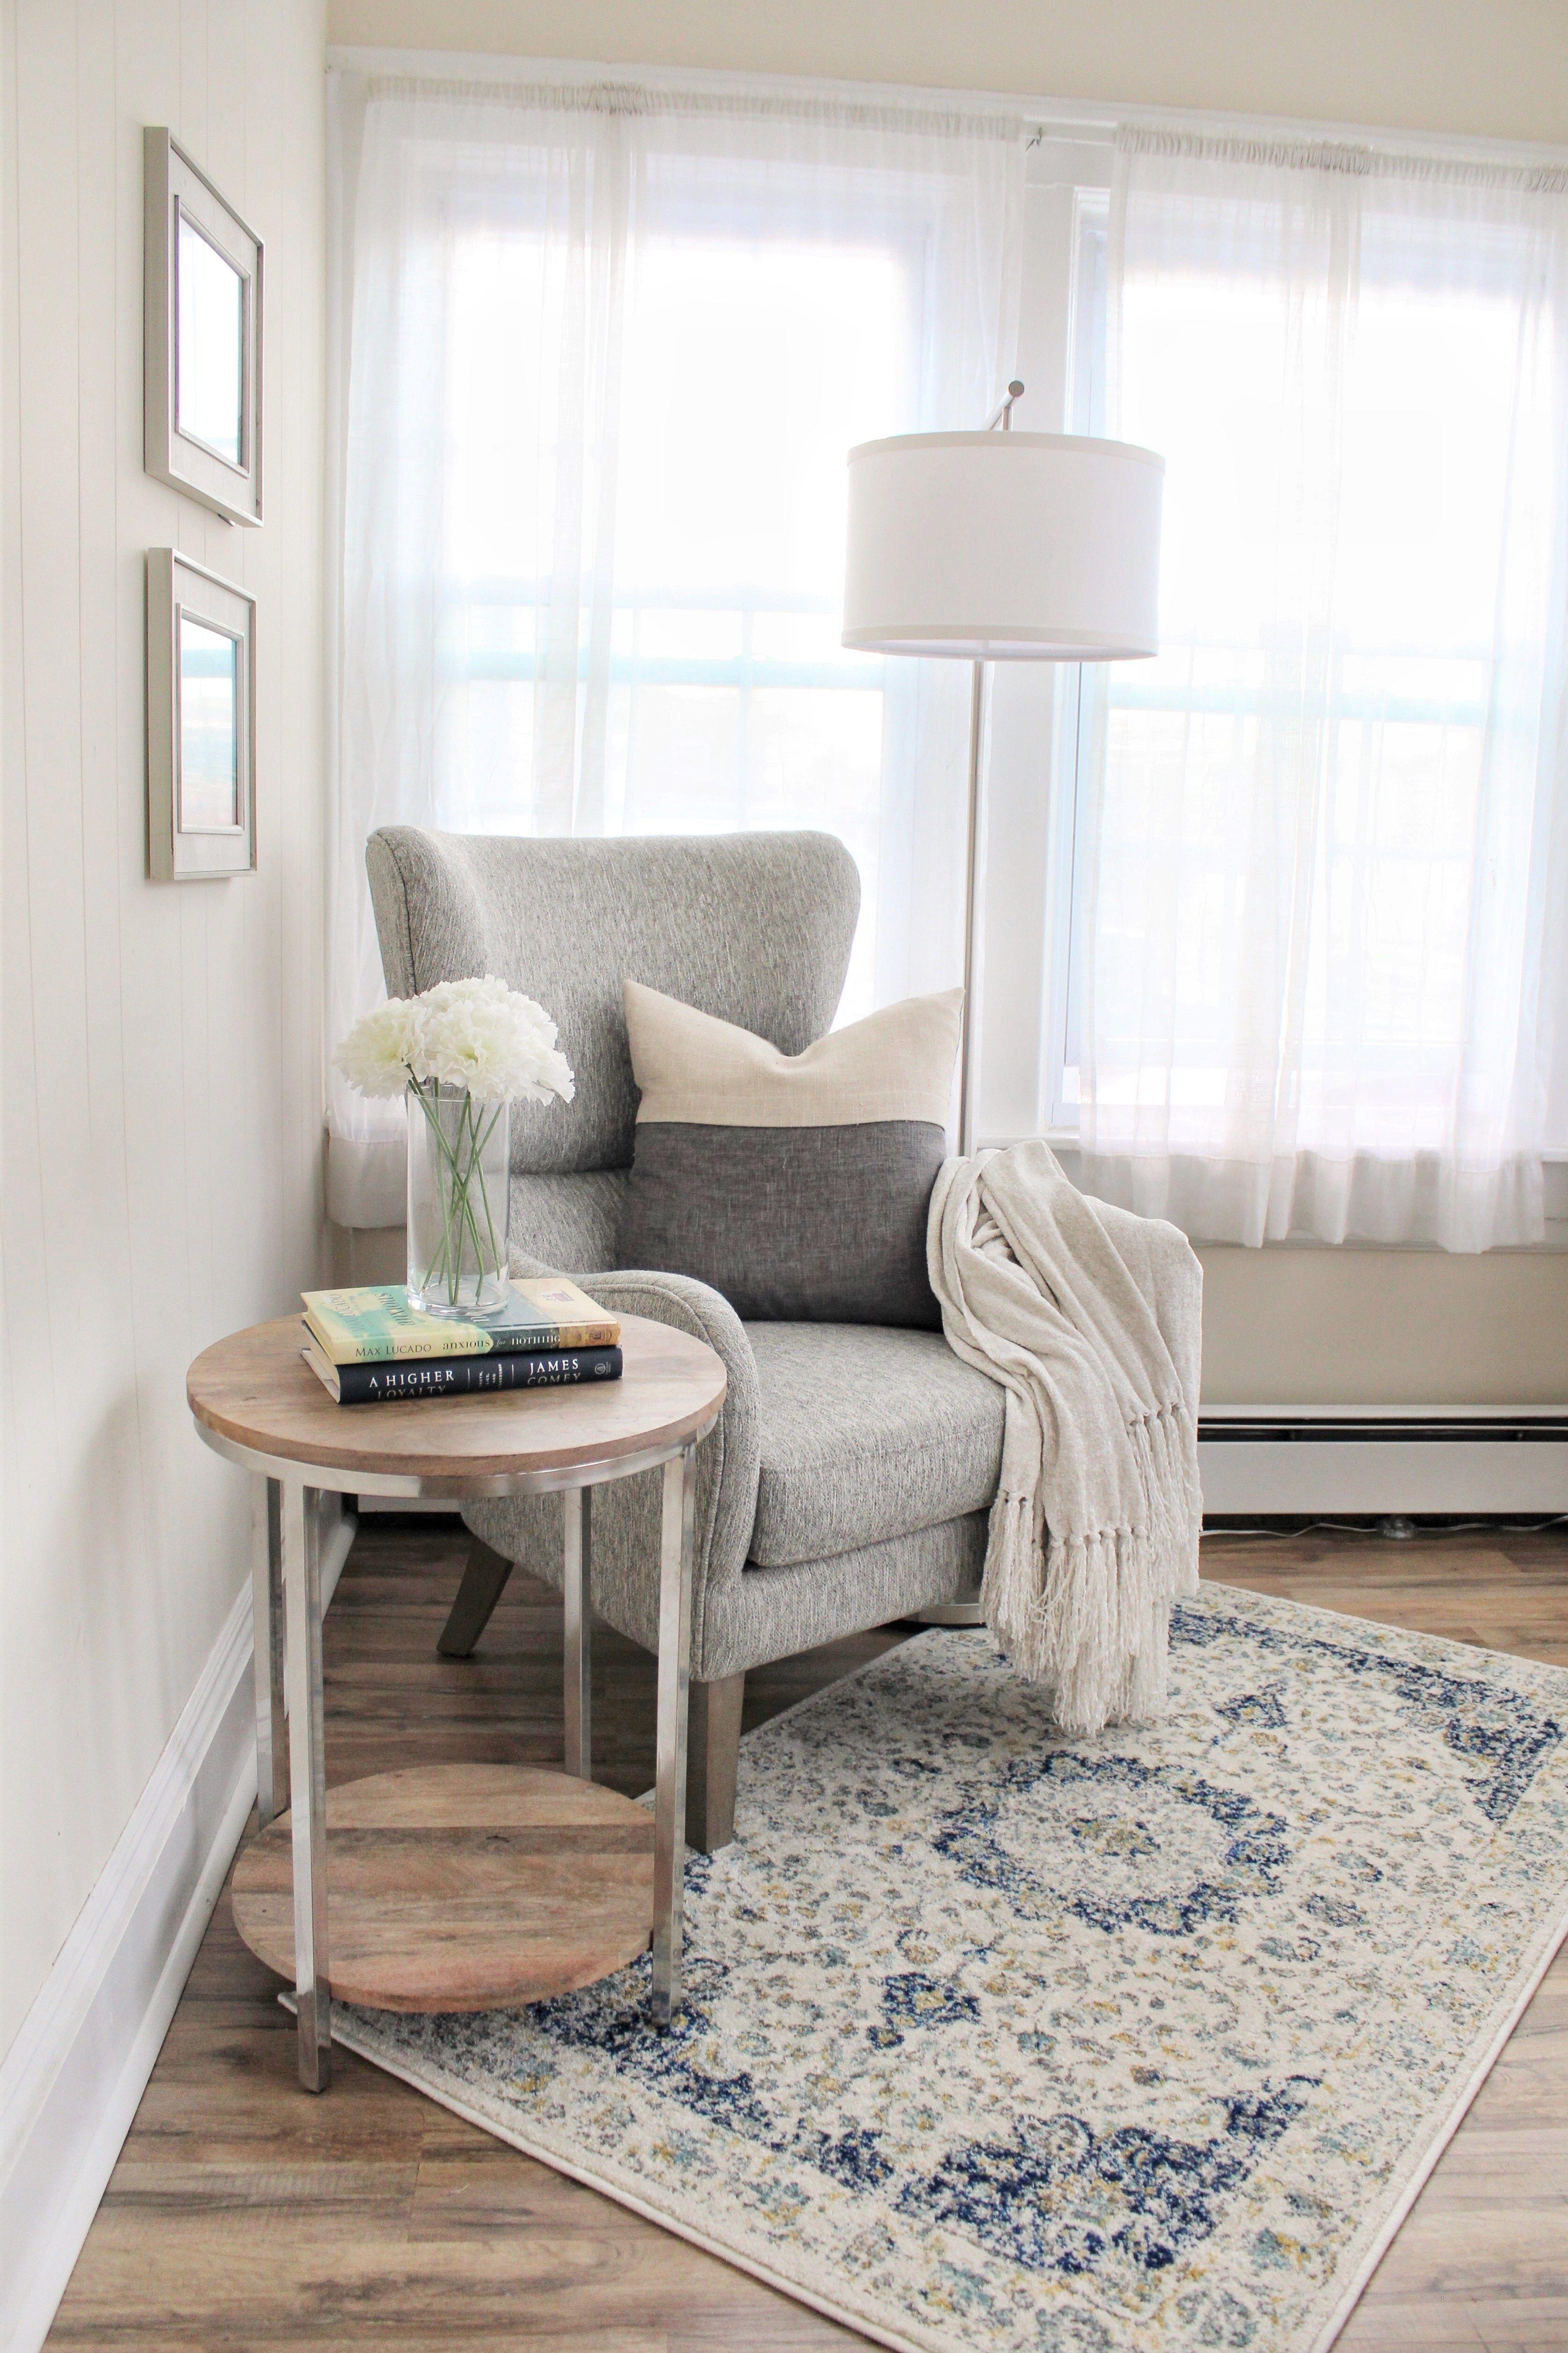 Photo of Coastal Cozy Reading Nook | Cabana State Of Mind